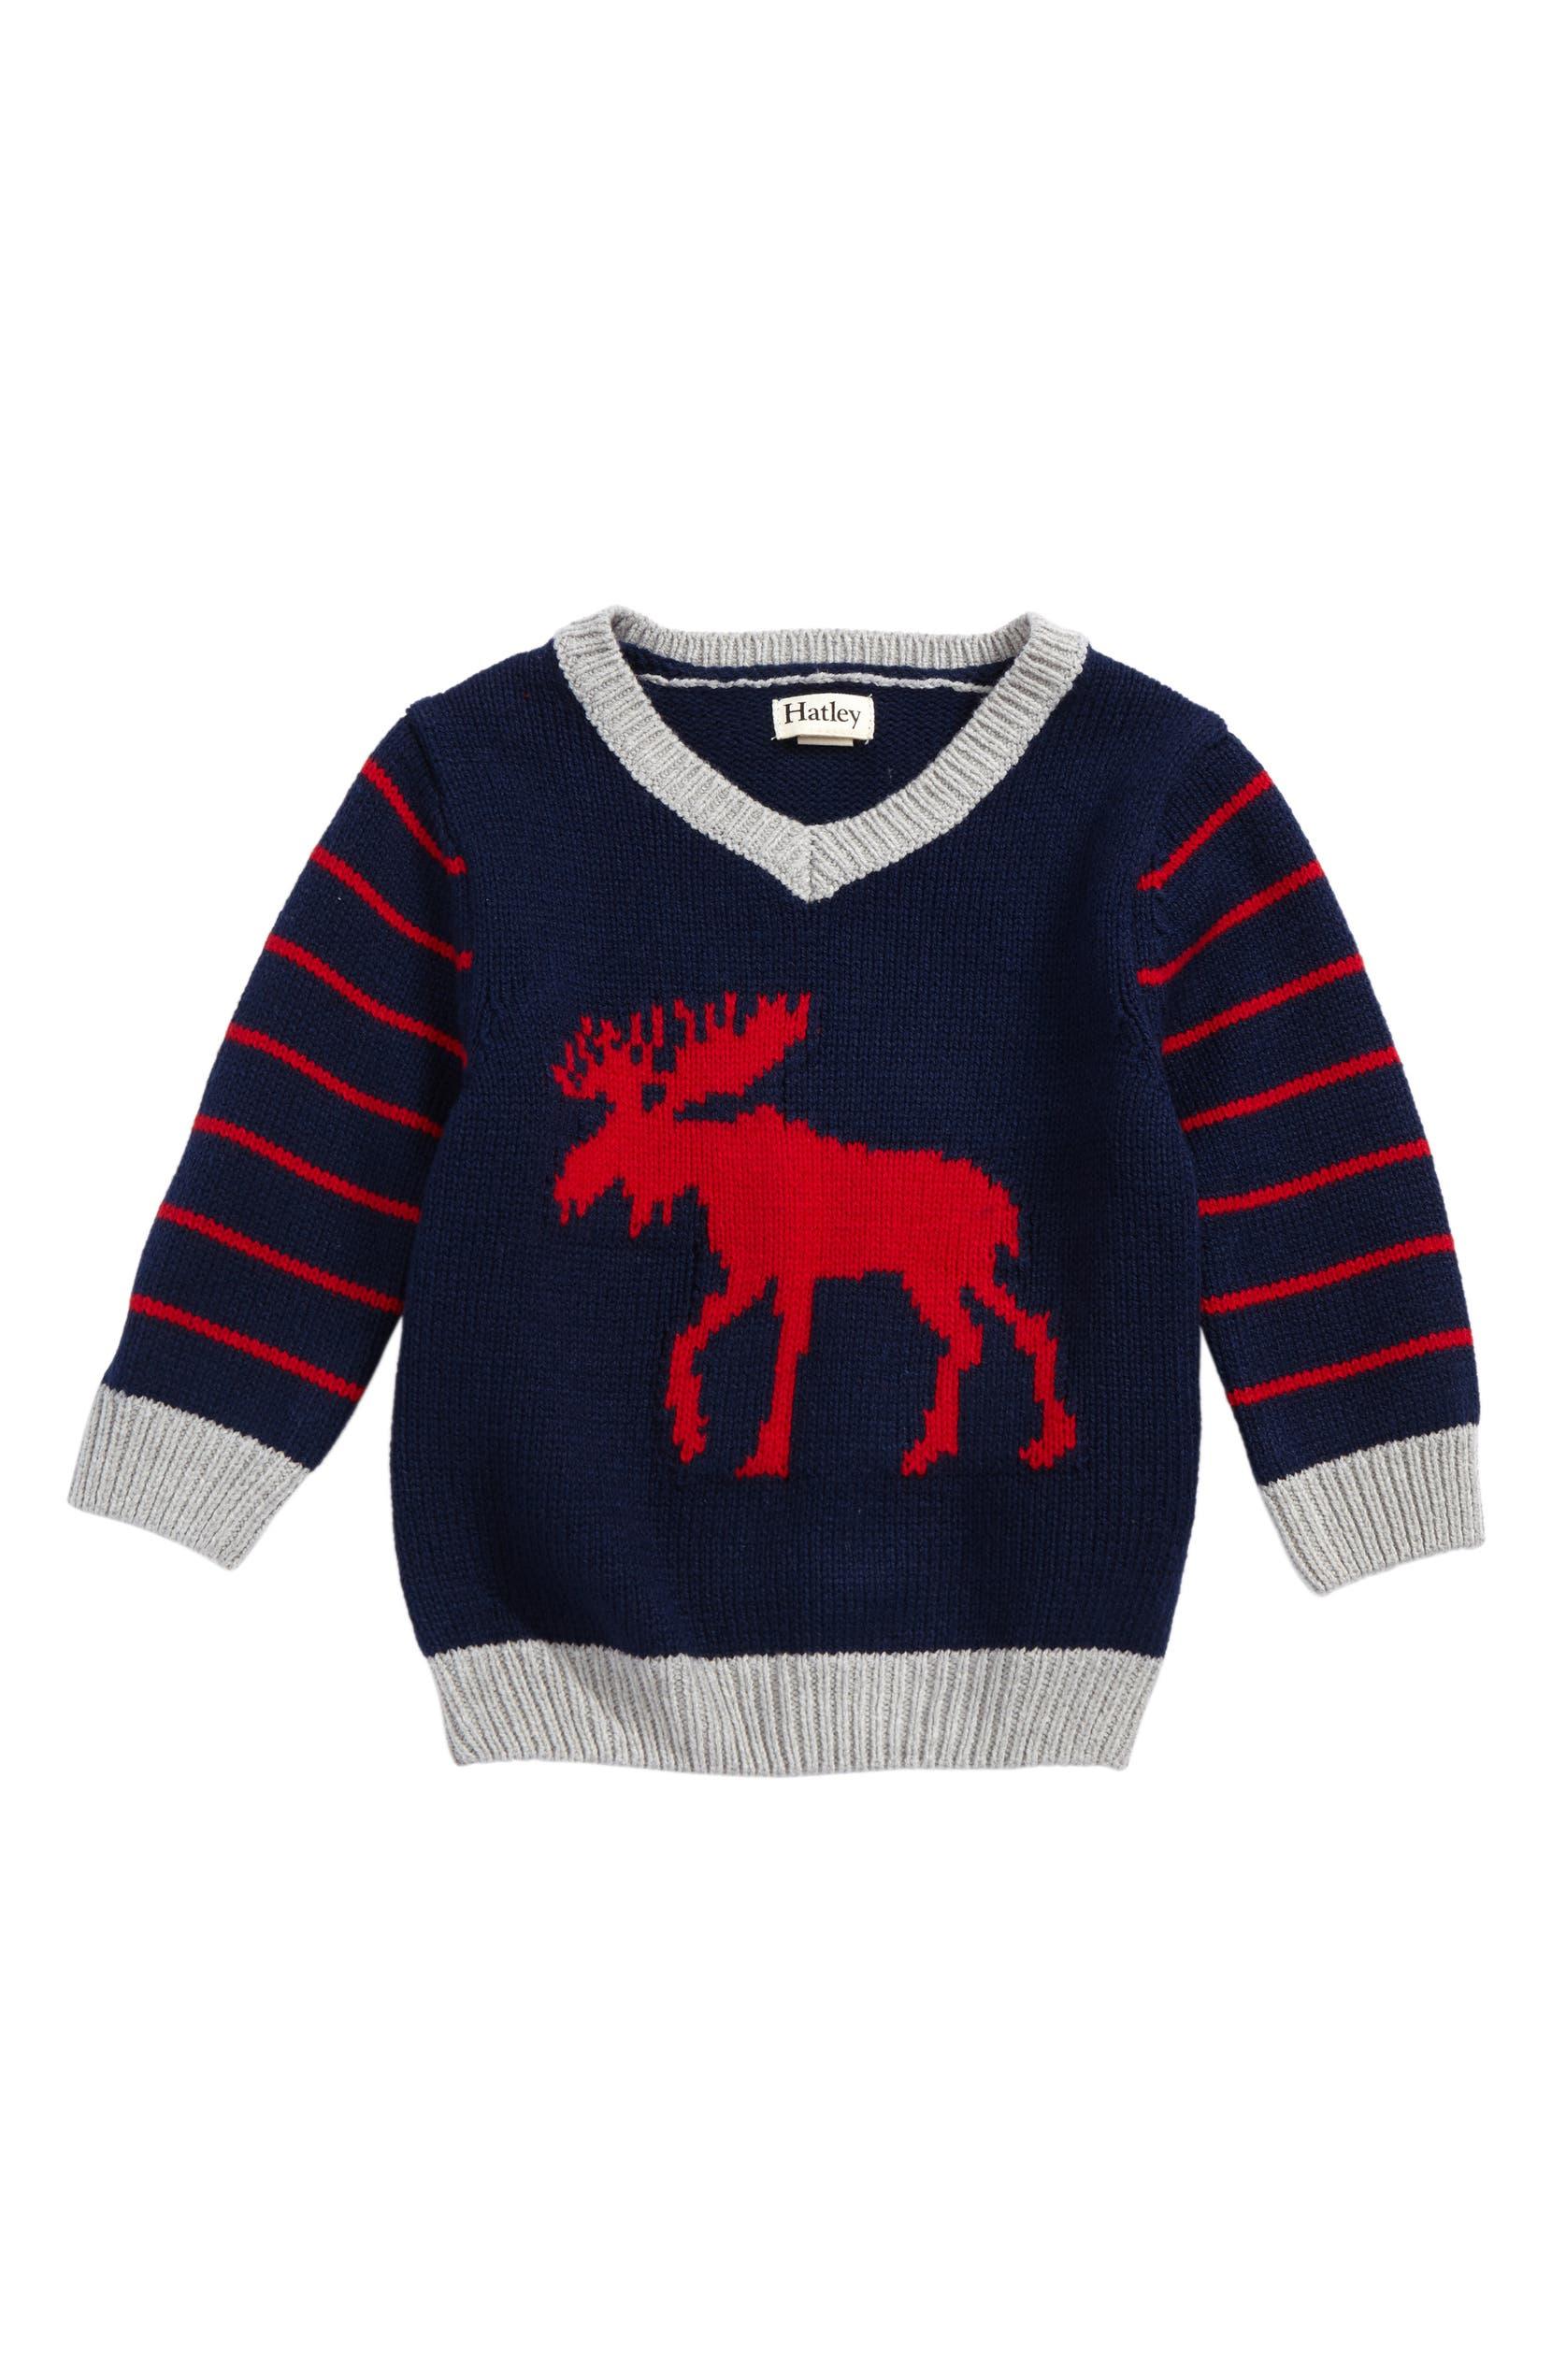 cbb56c81fbed Hatley Moose Intarsia V-Neck Sweater (Baby Boys)